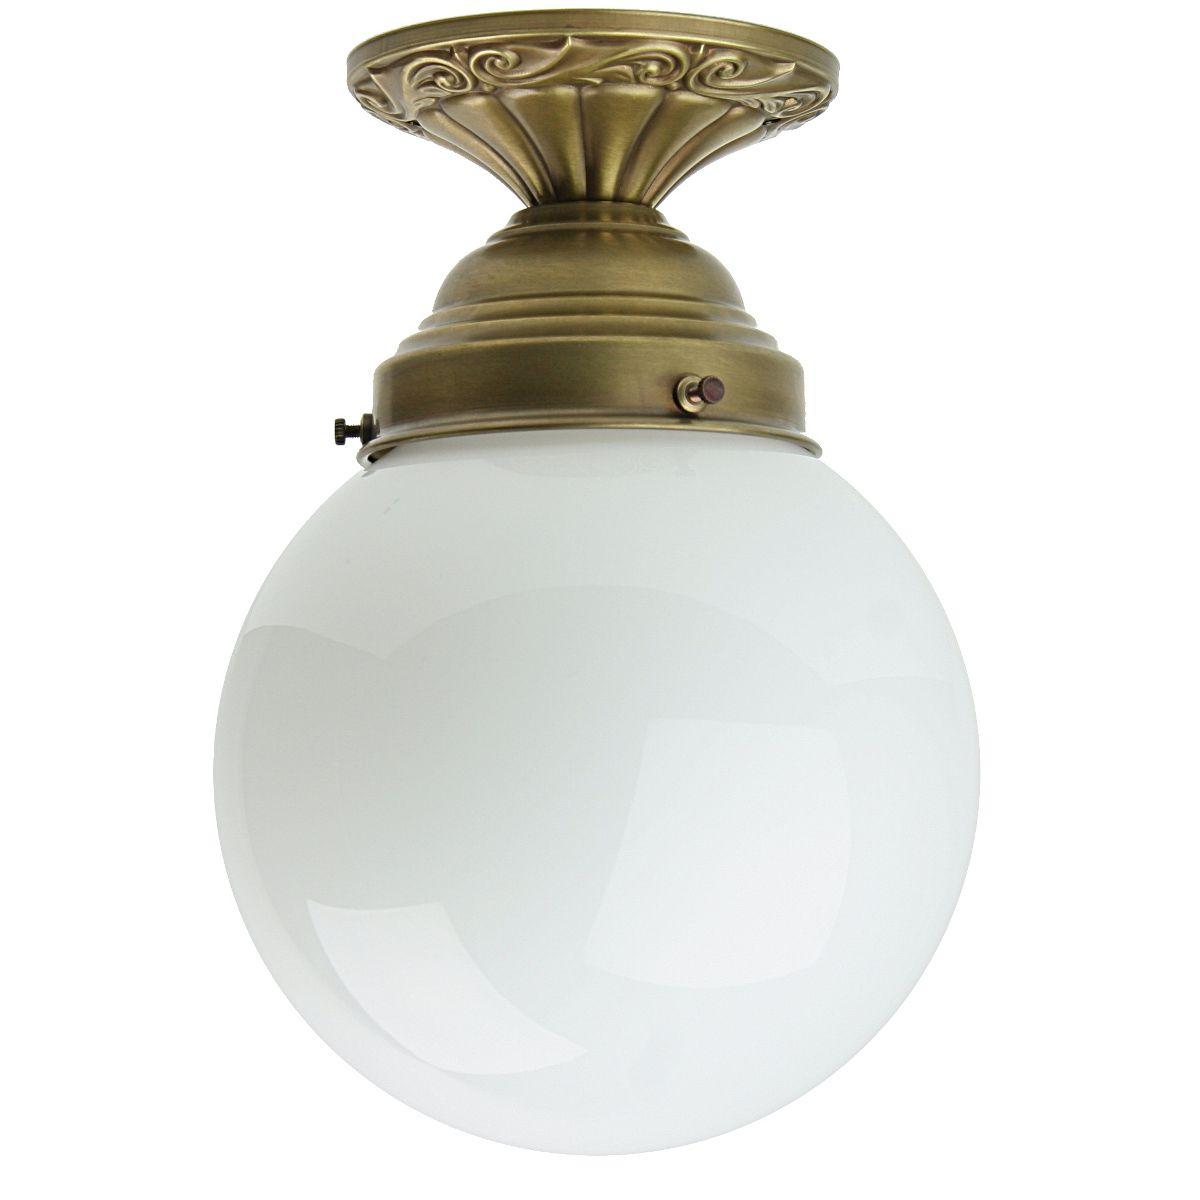 Deckenlampe Design Im Weißem Jugendstil Mit KugelglasOberfläche strhdCQ